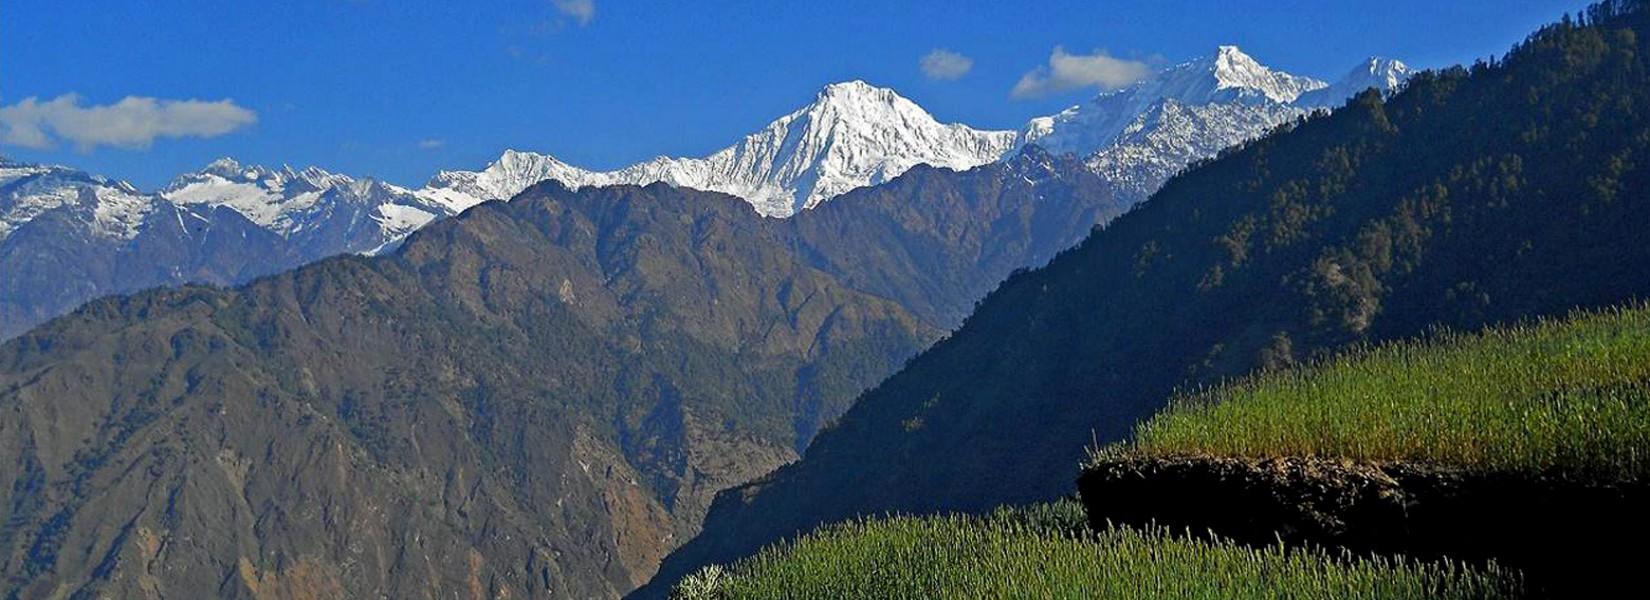 Ganesh Himal Tamang Heritage Trail Trekking